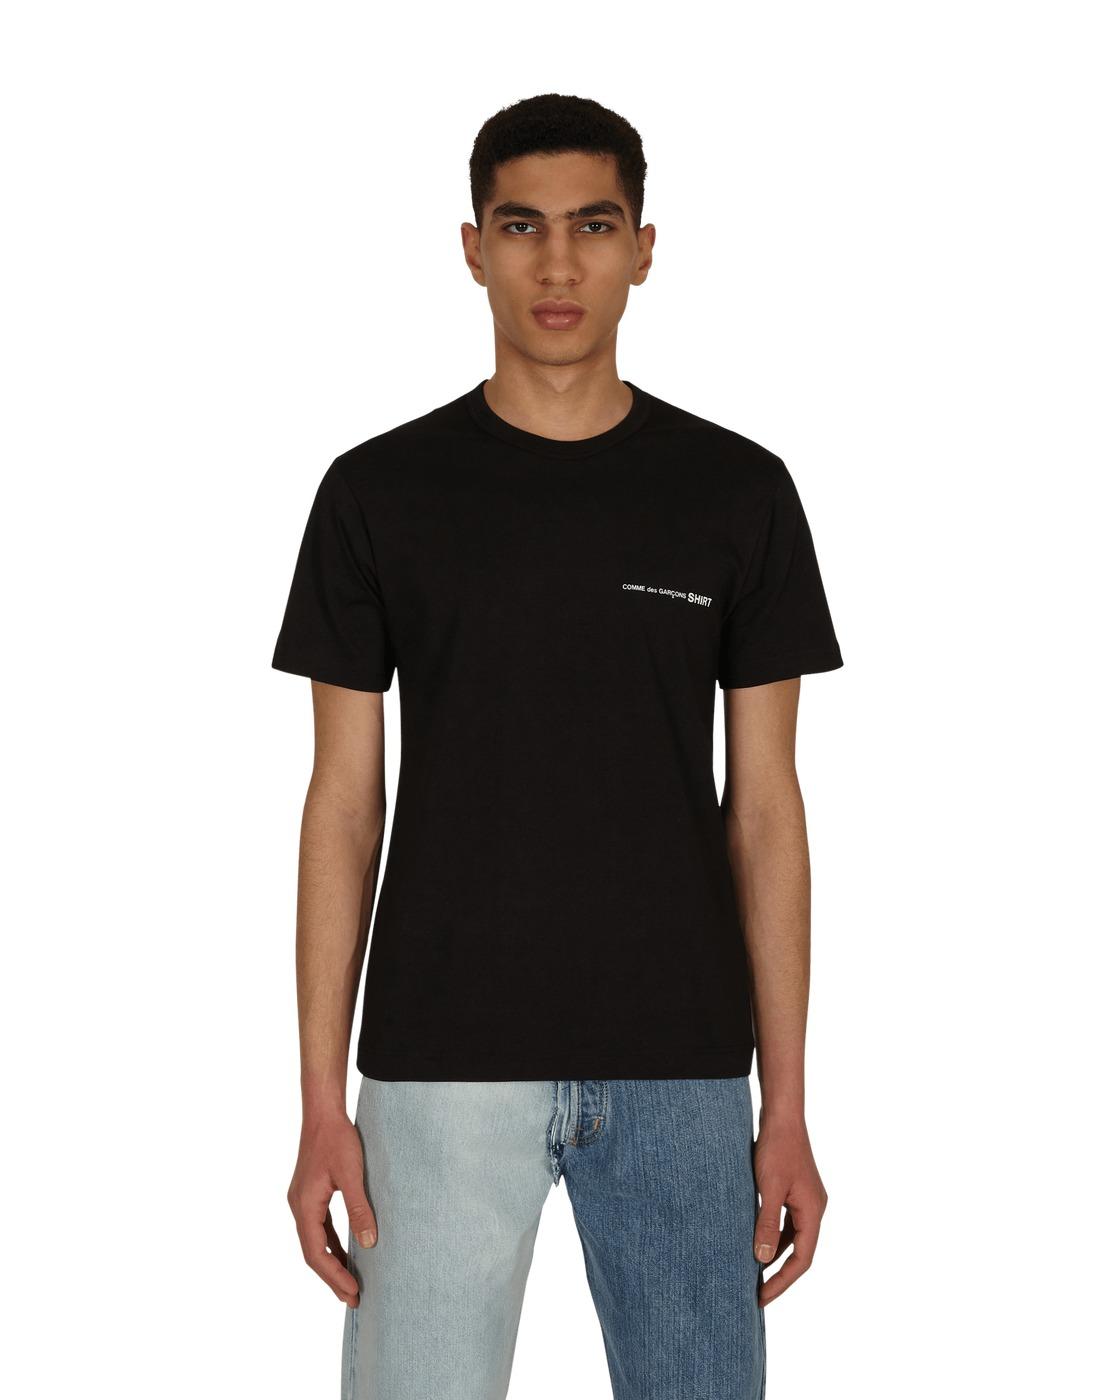 Photo: Comme Des Garcons Shirt Logo T Shirt Black